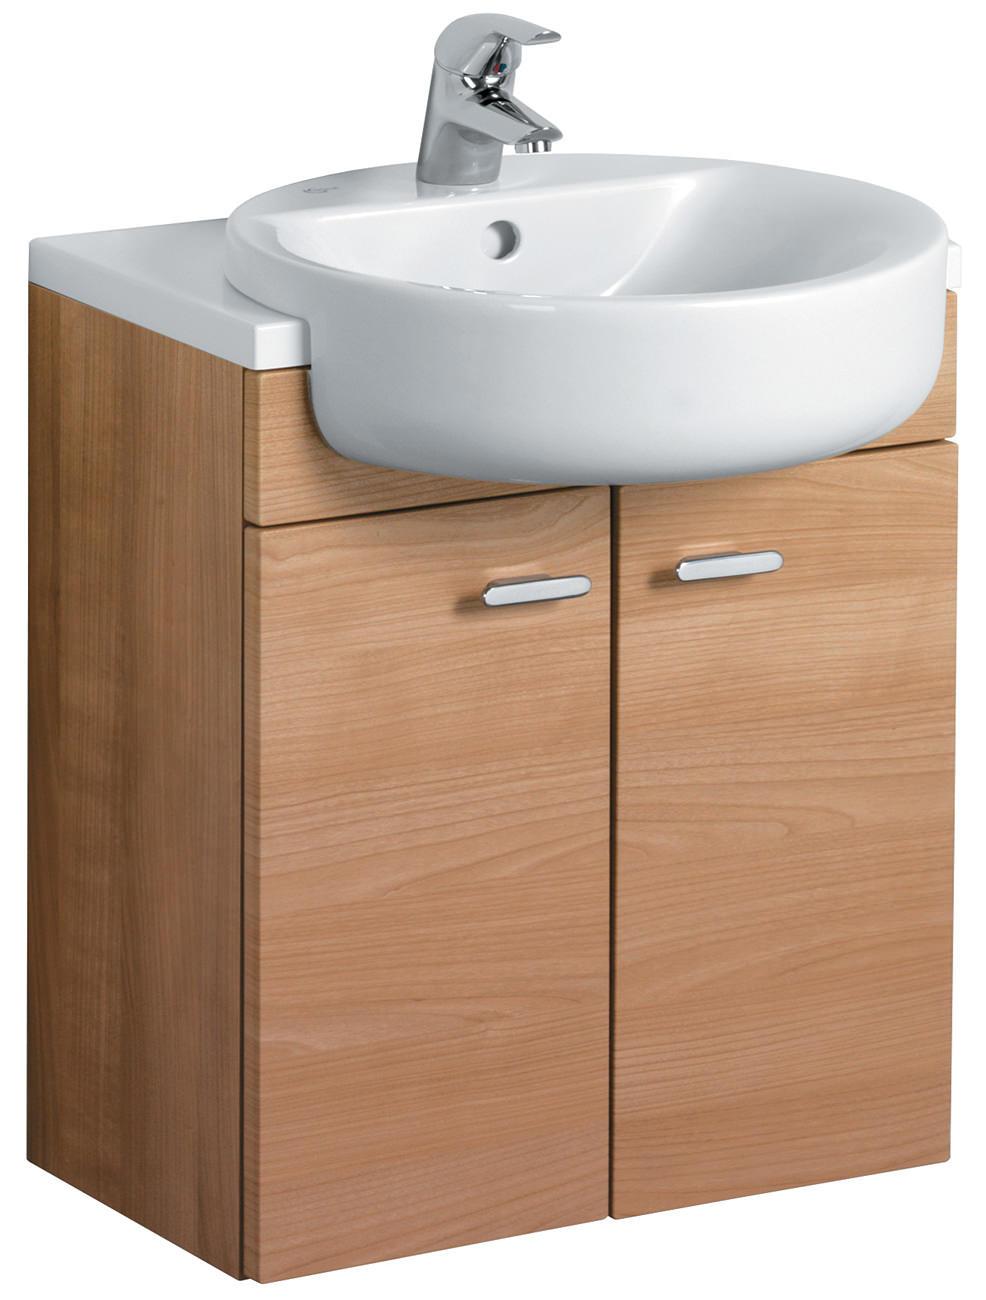 Standard Bathroom Vanity Height: Ideal Standard Concept Semi-Countertop Vanity Unit 600mm